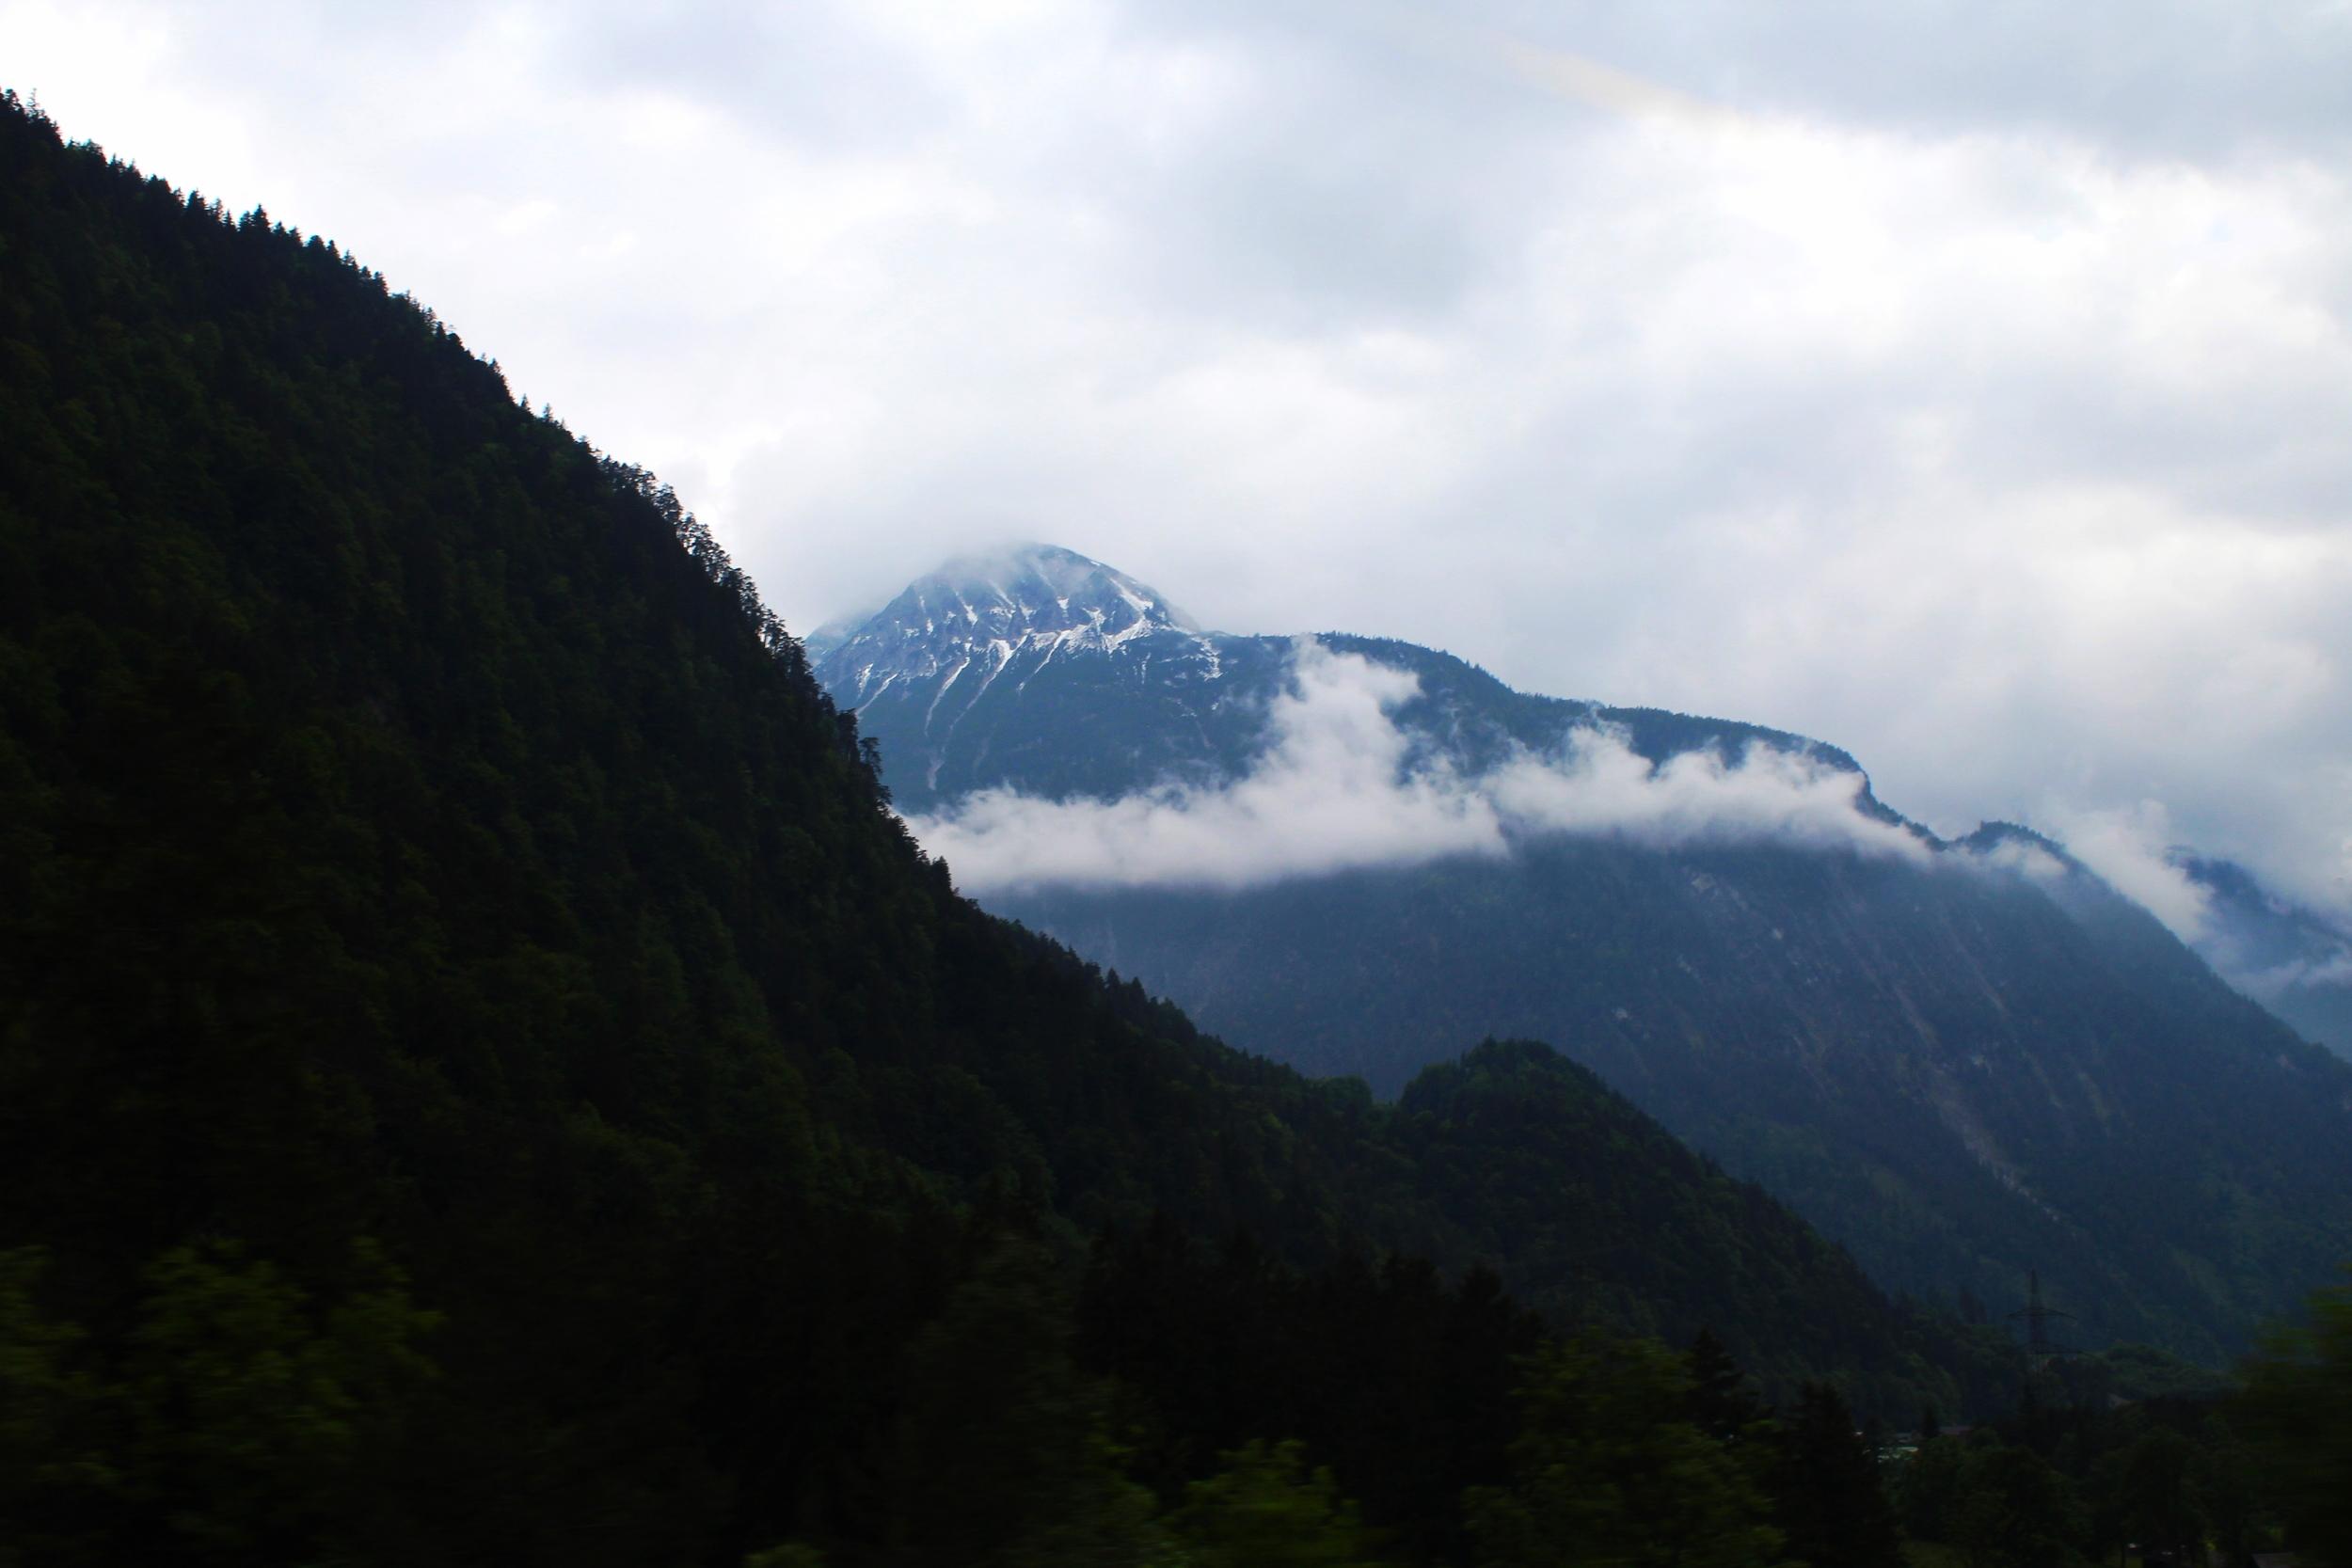 Swiss Mountains, Photograph by Lauren Martin